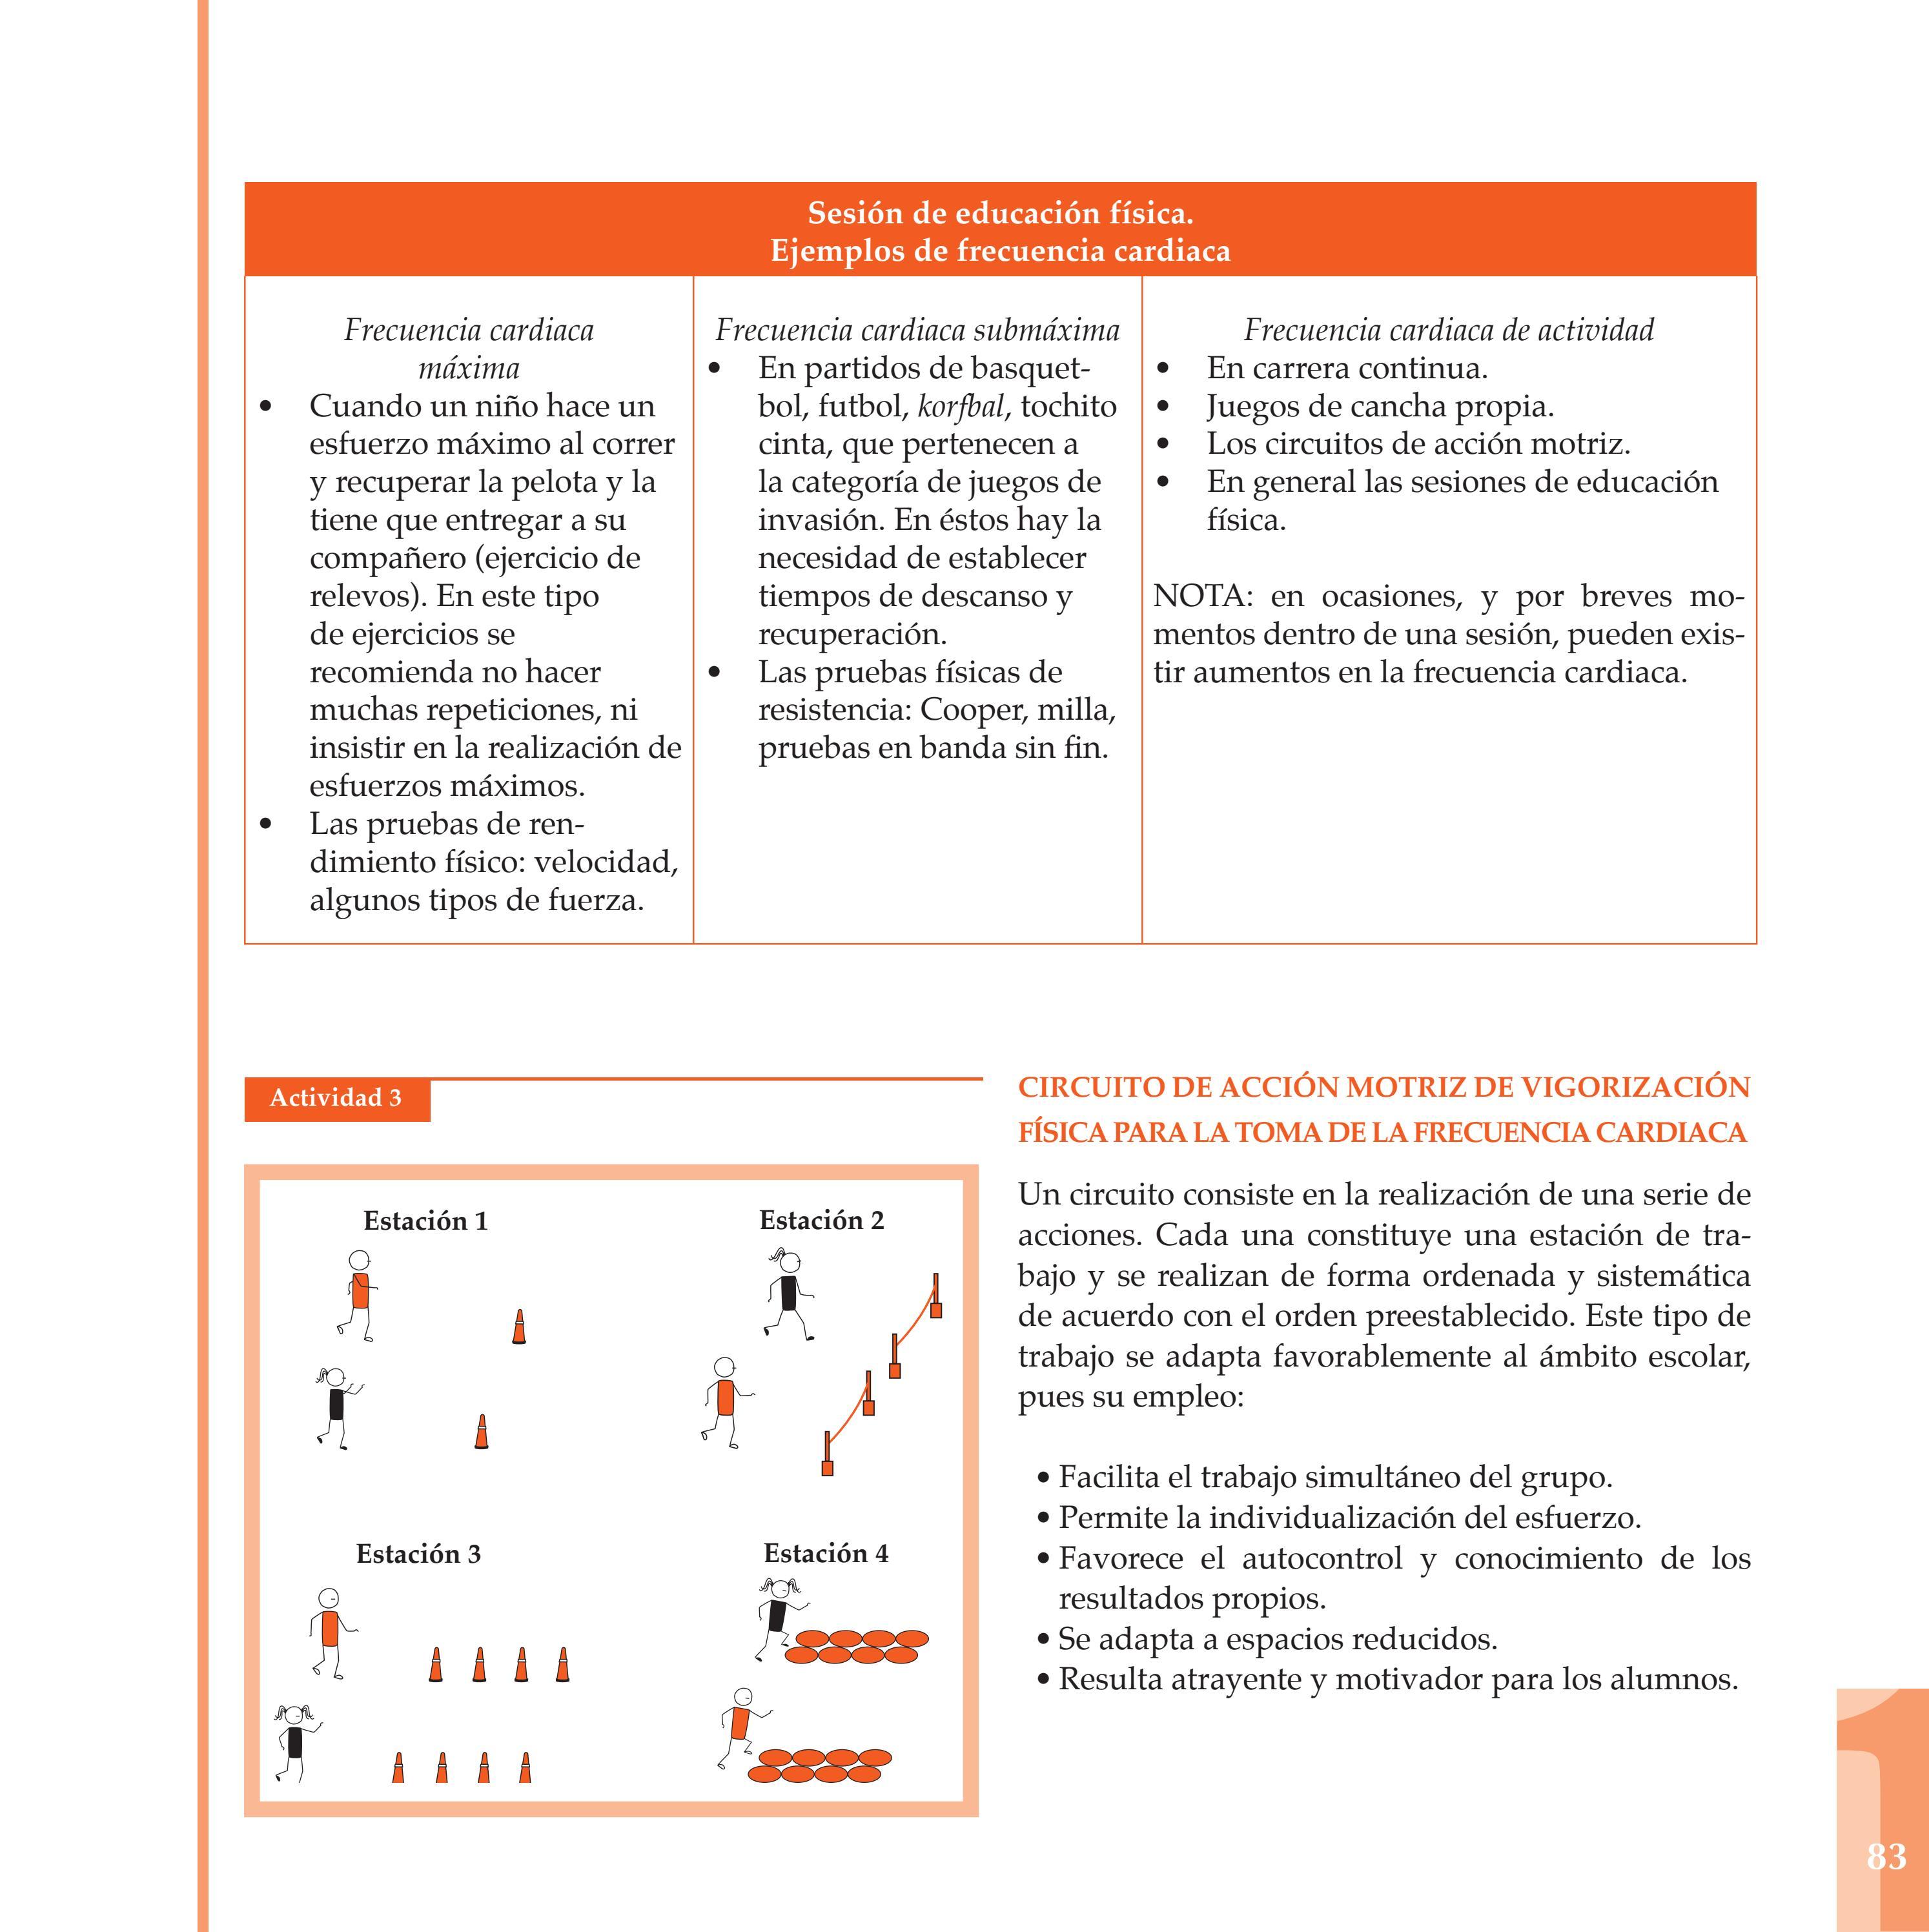 Circuito De Accion Motriz : Programa de educación física para secundaria by ivette